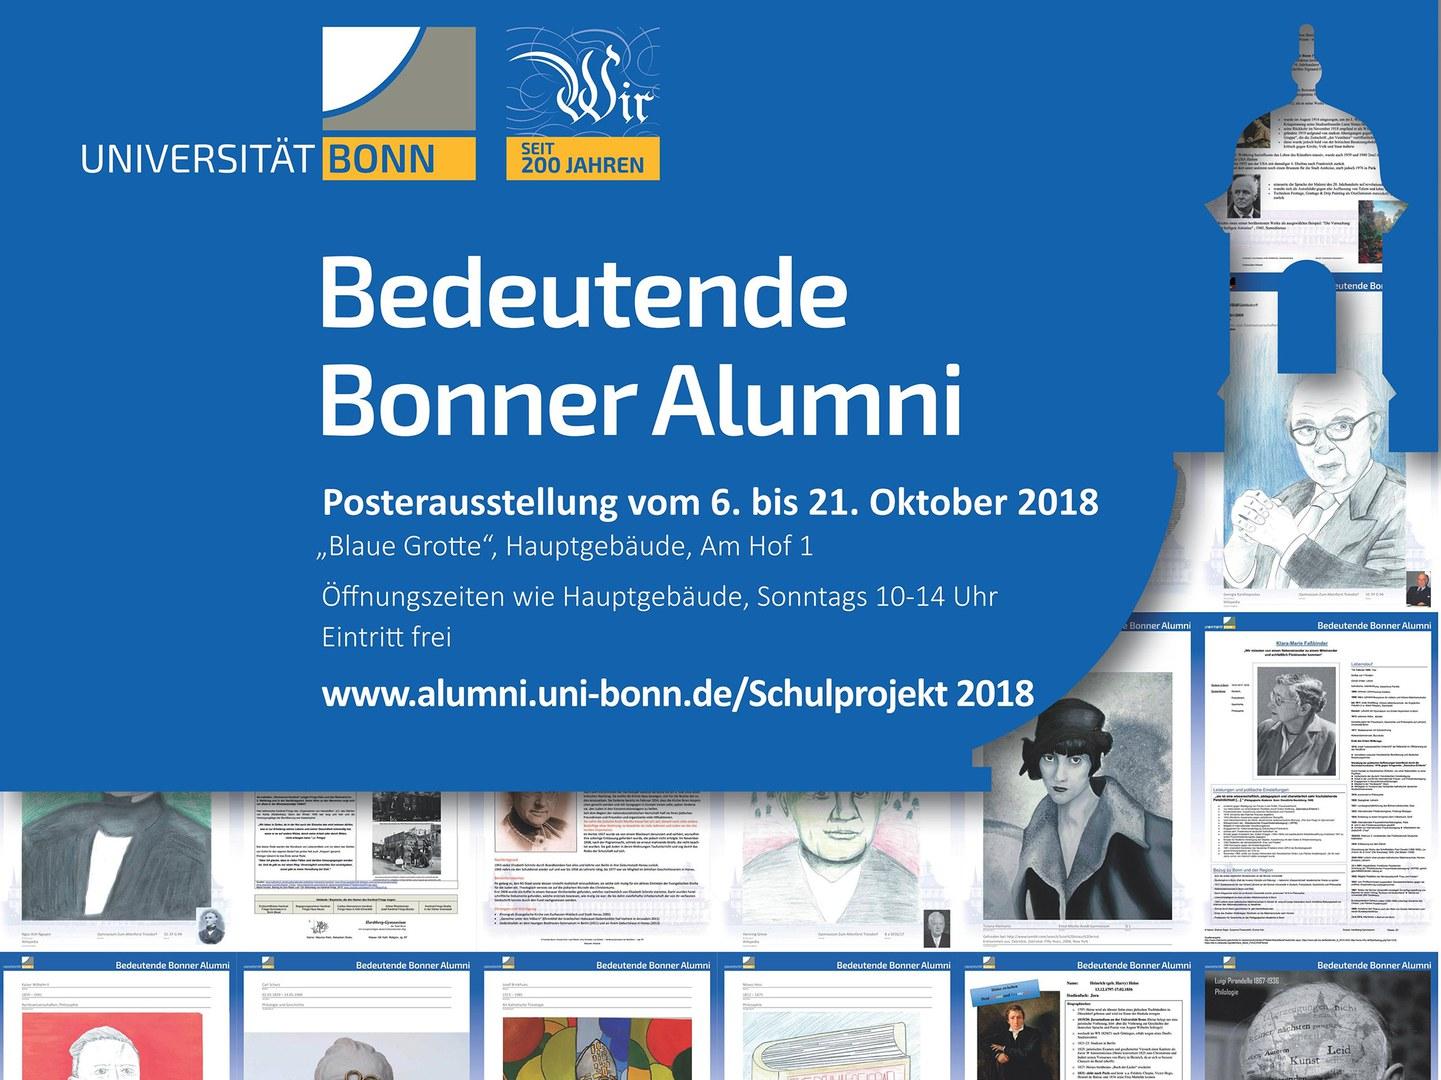 Zum Jubiläum 200 Jahre Universität Bonn